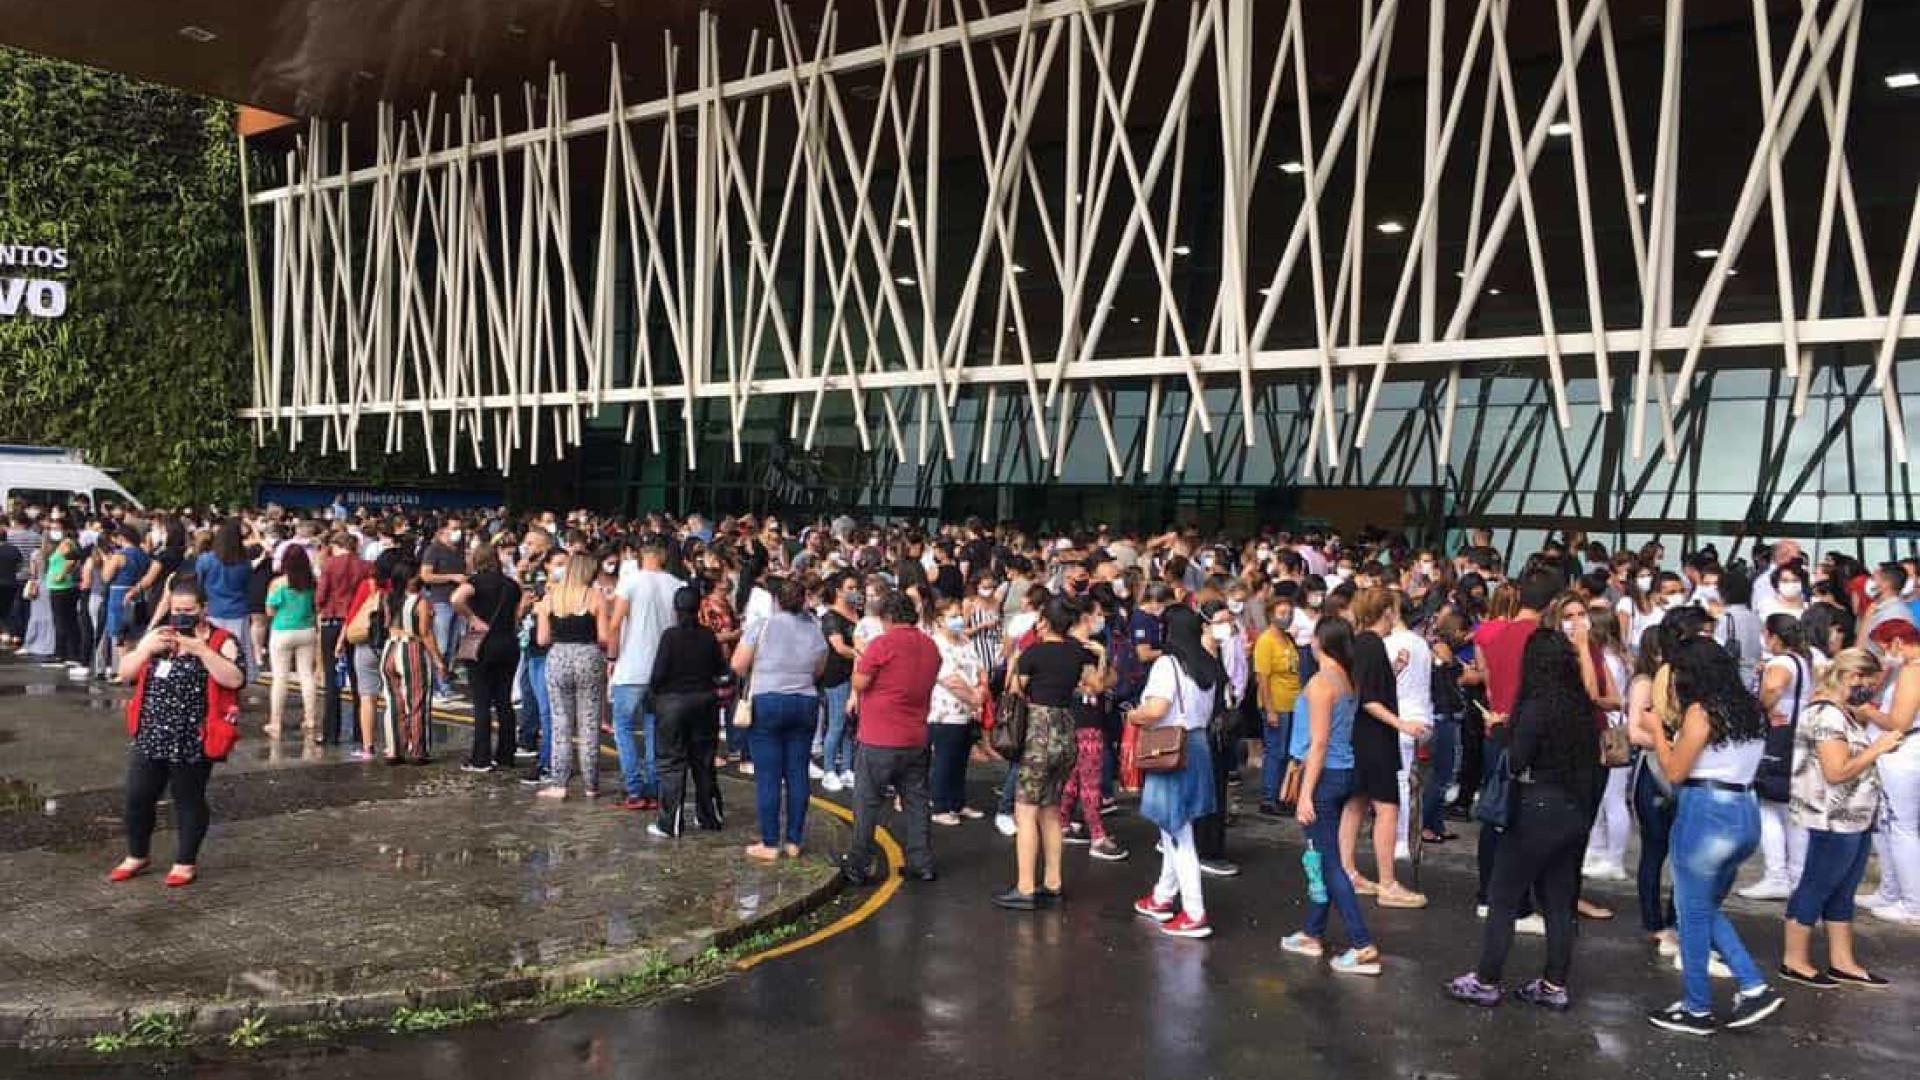 Vacinação contra a Covid-19 gera aglomeração e fila de espera de mais de 1h em Curitiba